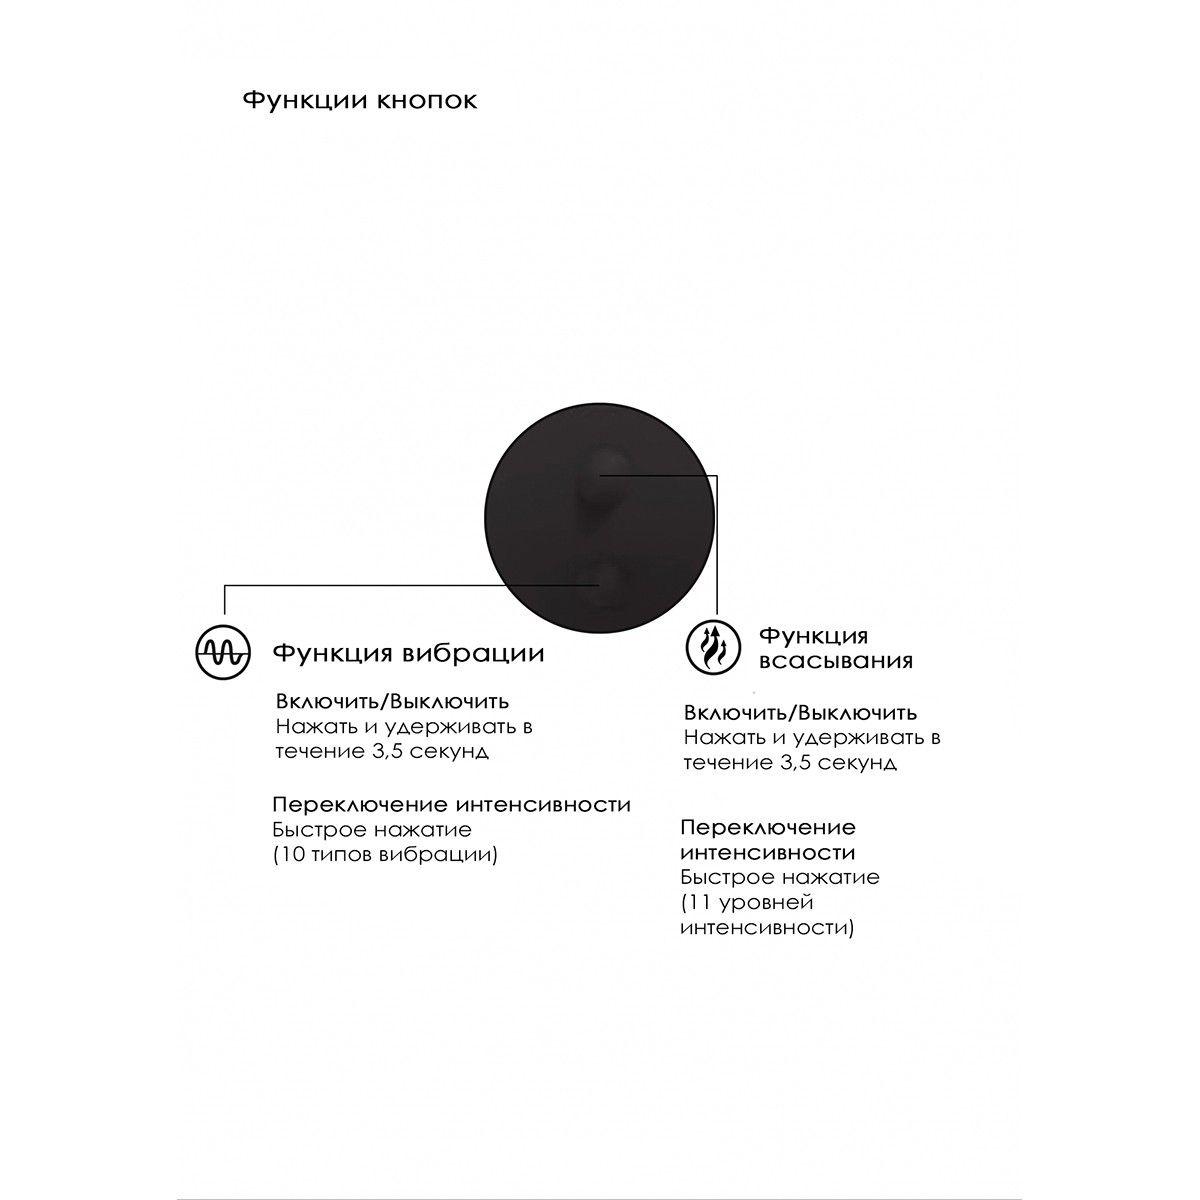 Черный вакуум-волновой массажер с двойной стимуляцией Irresistible Mythical - фото 179827